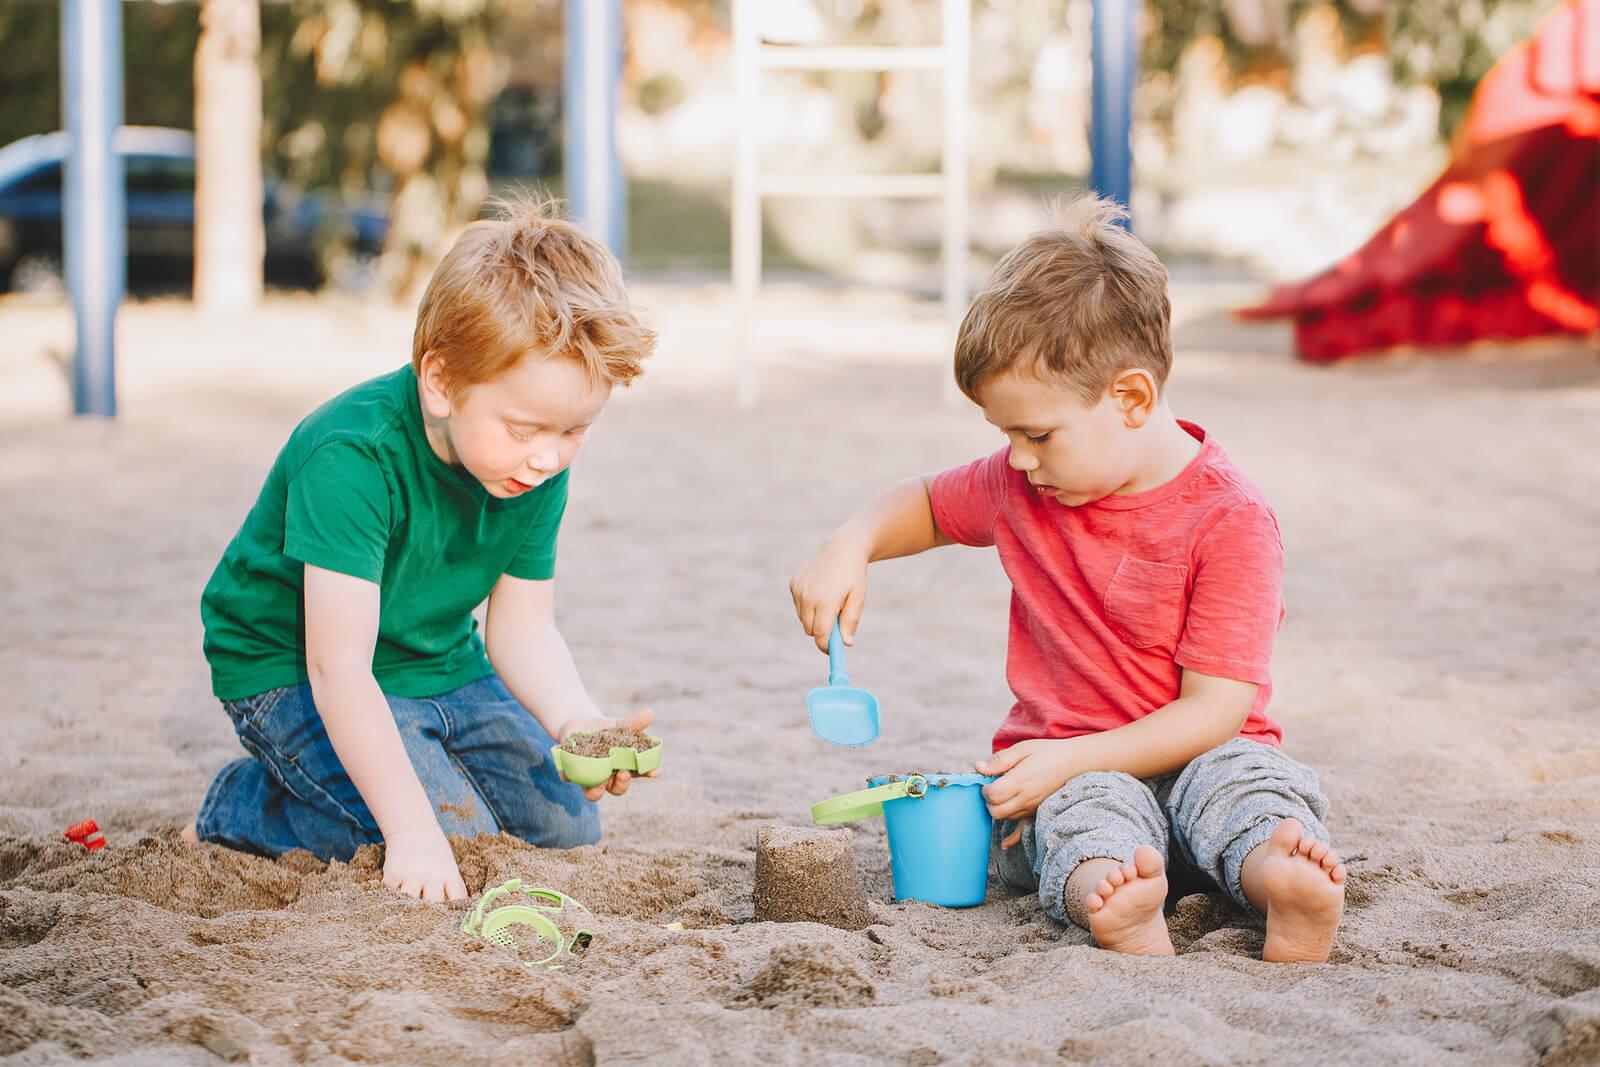 Niño jugando a hacer castillos de arena para fomentar su desarrollo motor grueso.